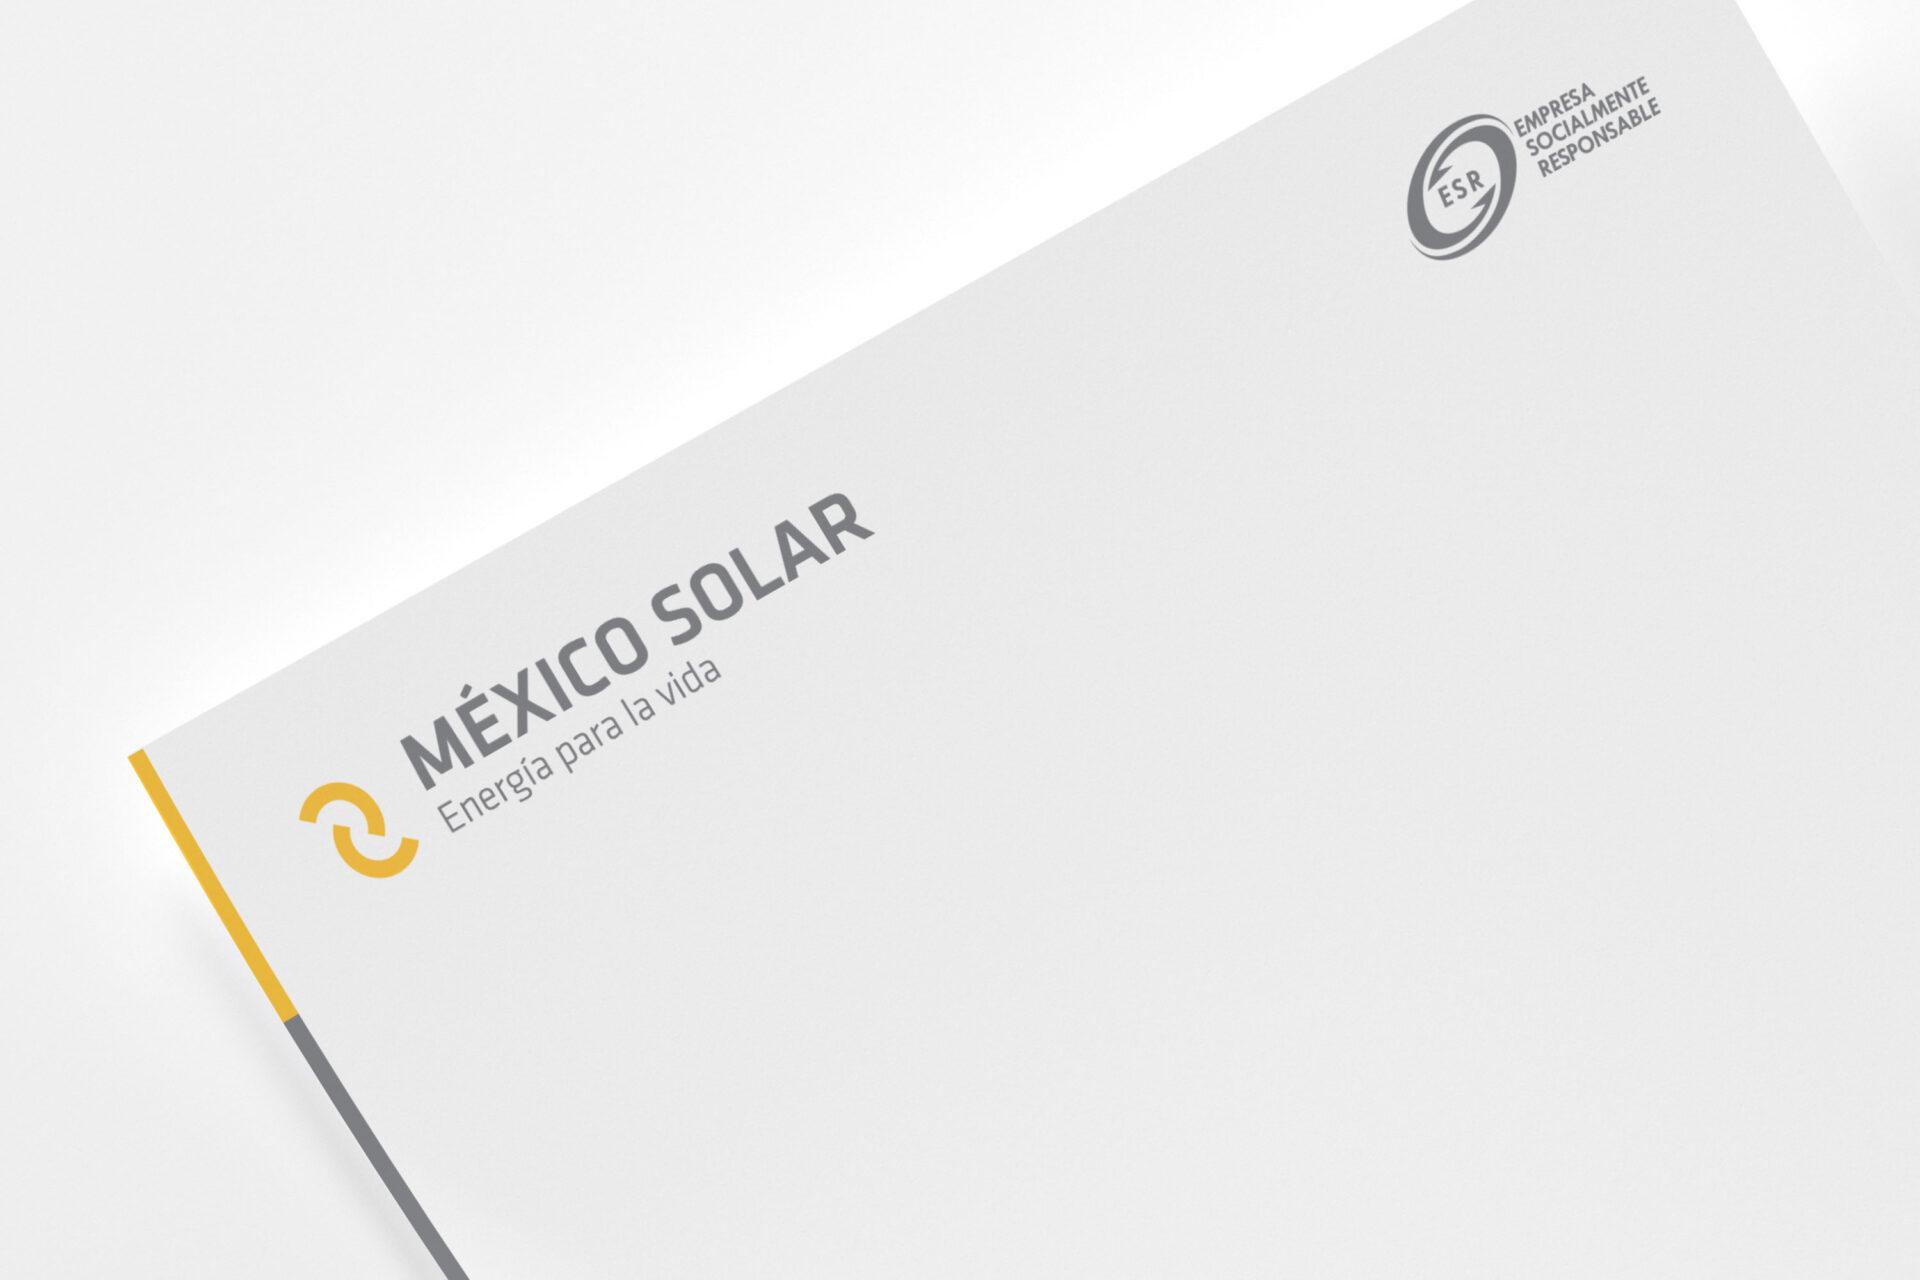 06-hoja-mexico-solar